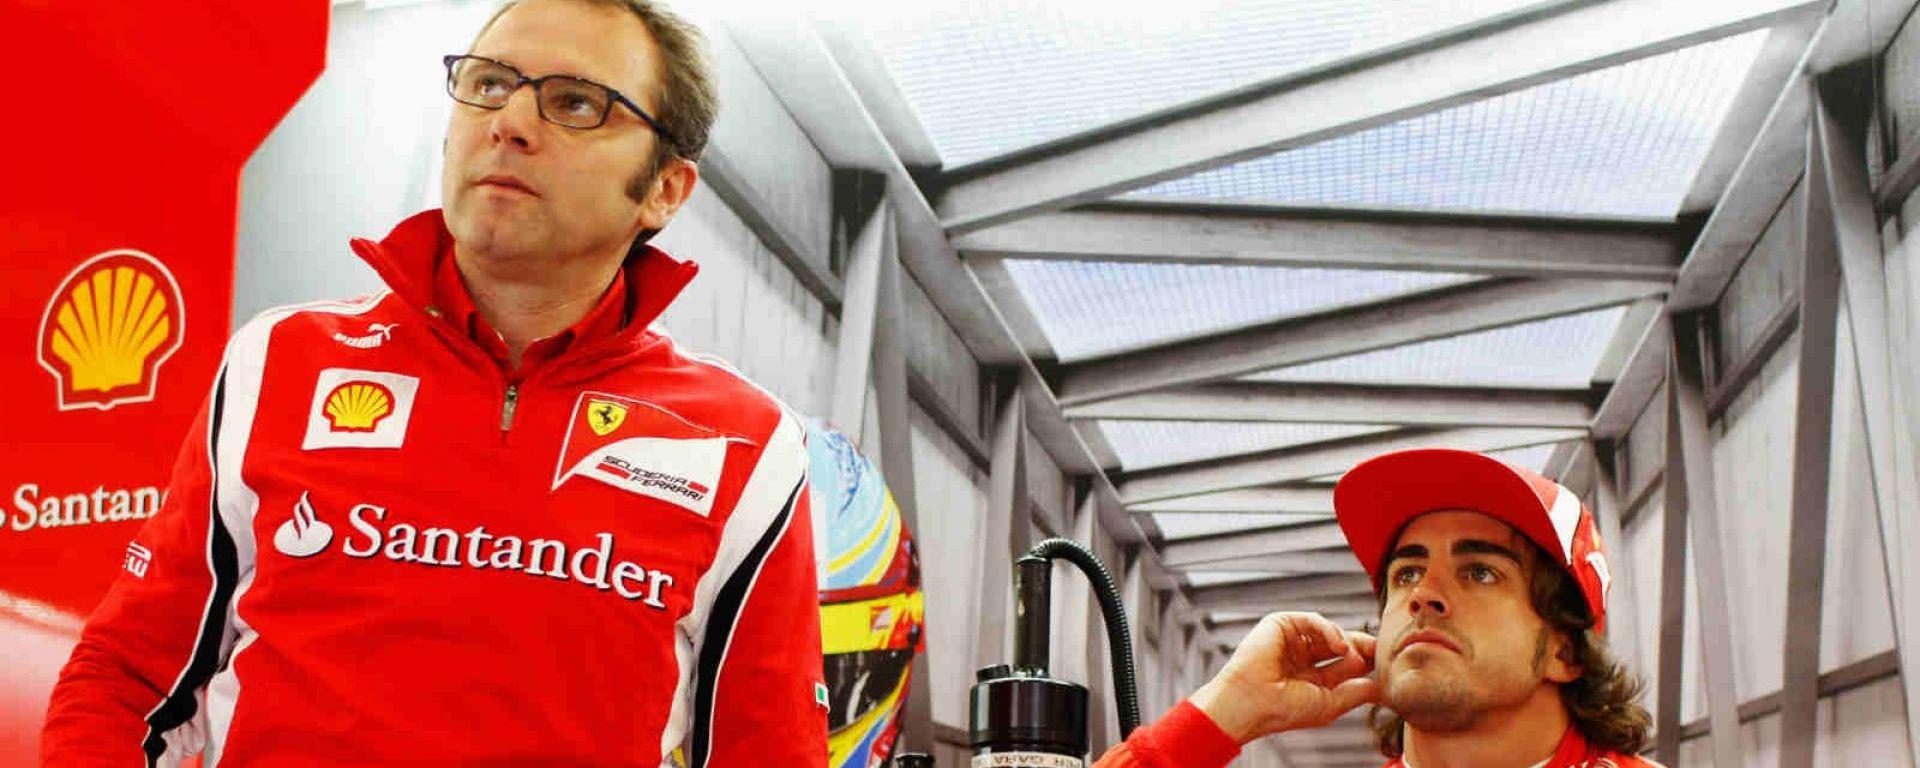 Domenicali vede possibile il ritorno di Alonso in Ferrari